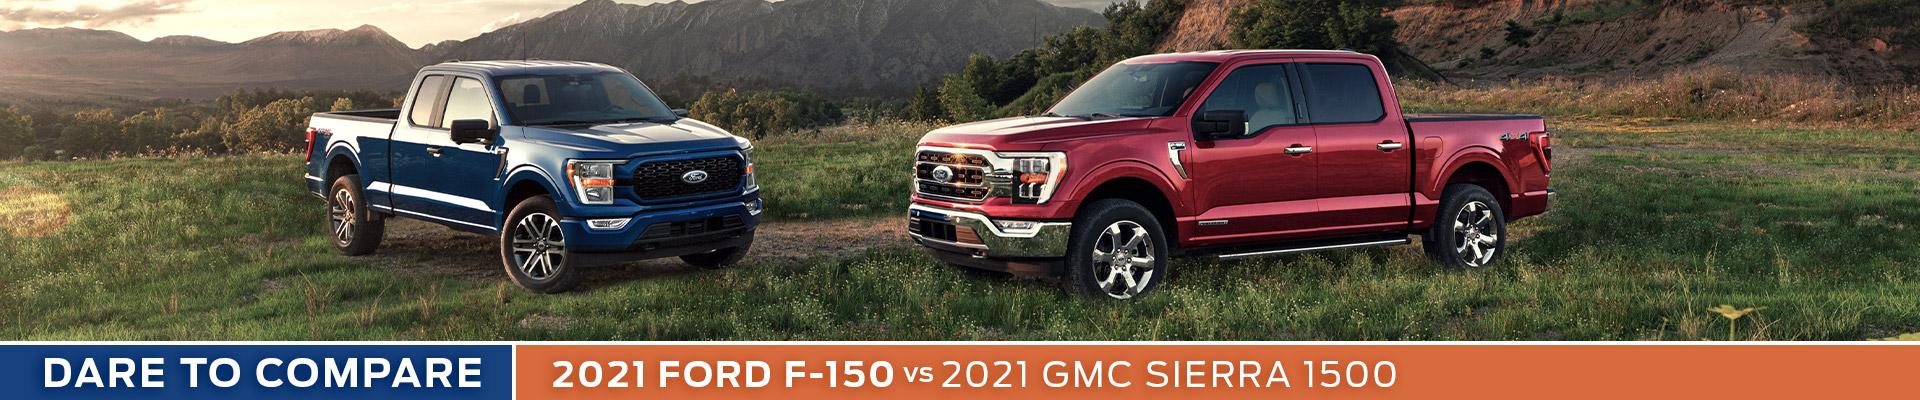 2021 Ford F-150 vs. 2021 GMC Sierra 1500 - Sun State Ford - Orlando, FL